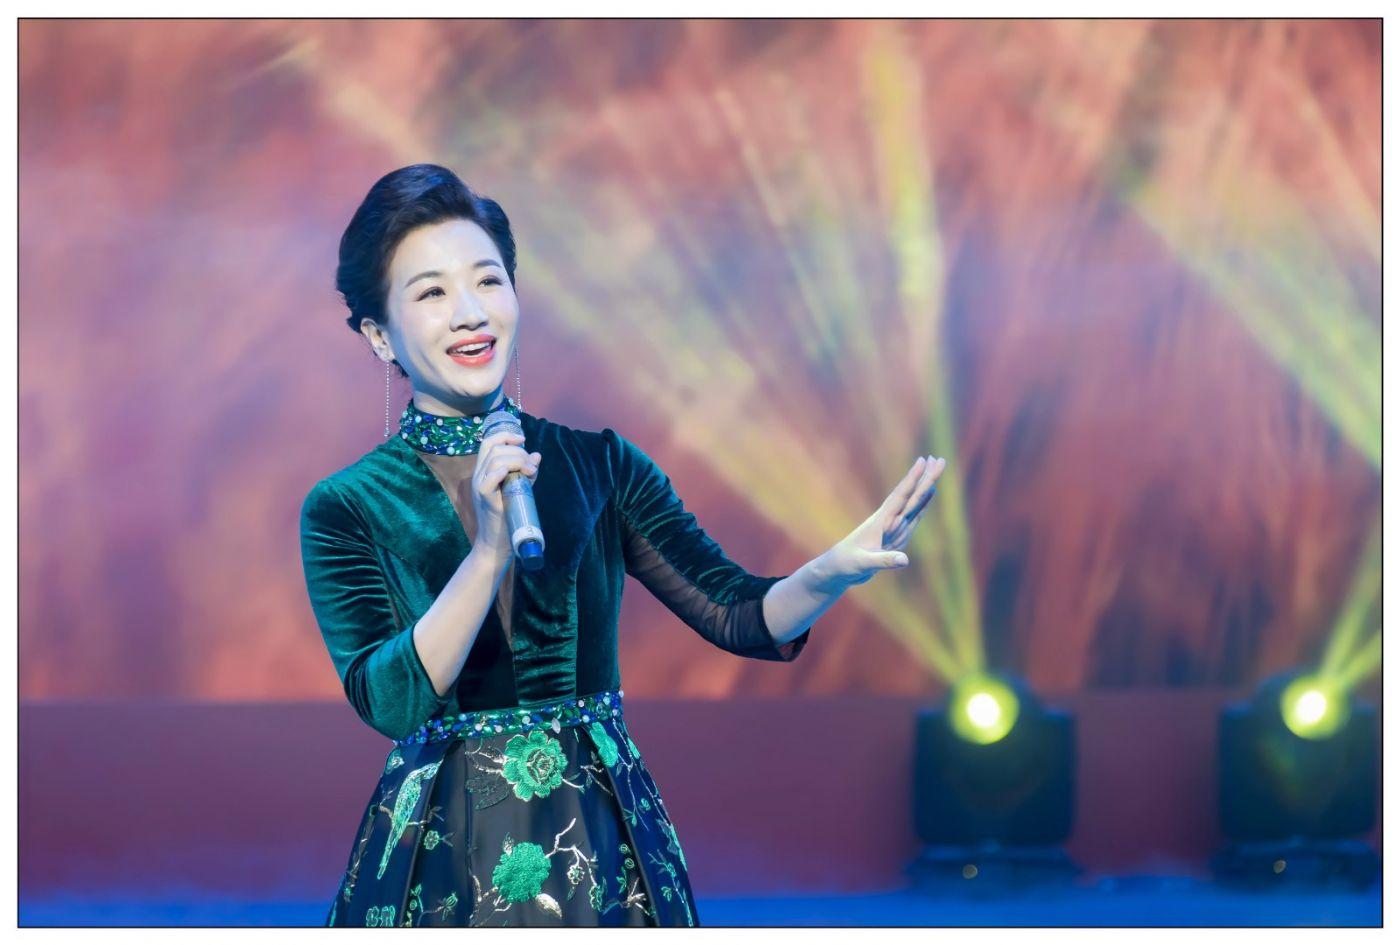 又见星光大道冠军歌手张海军 1月26央视播出 将自己唱哭的歌手 ..._图1-17